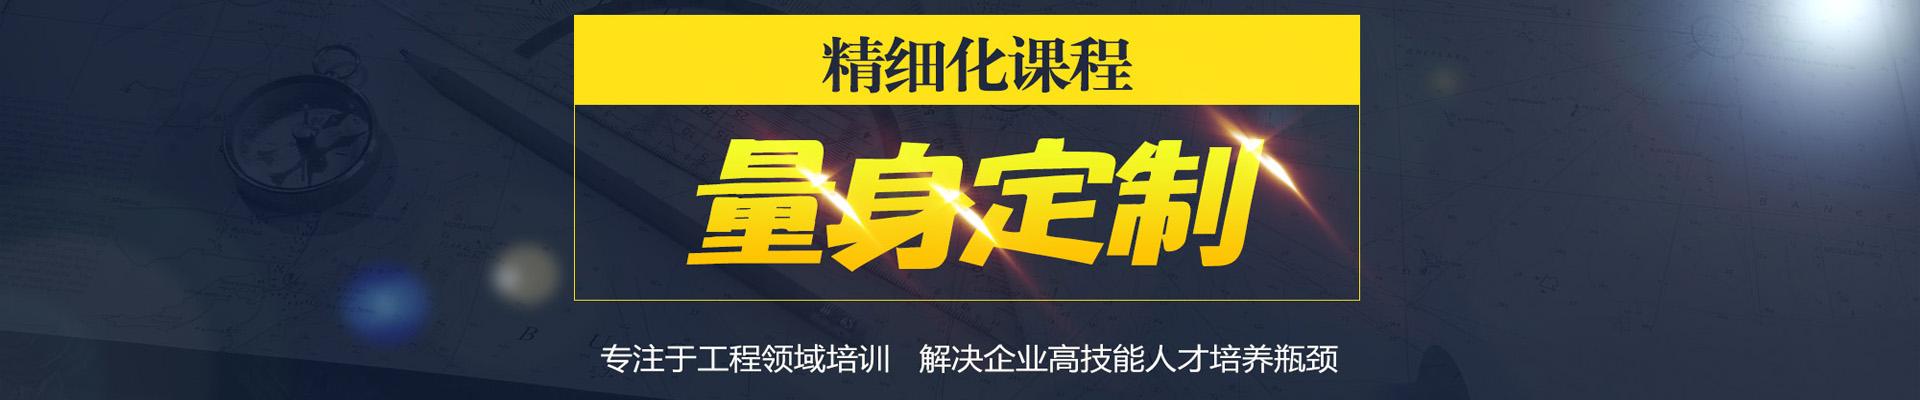 浙江台州优路教育培训学校